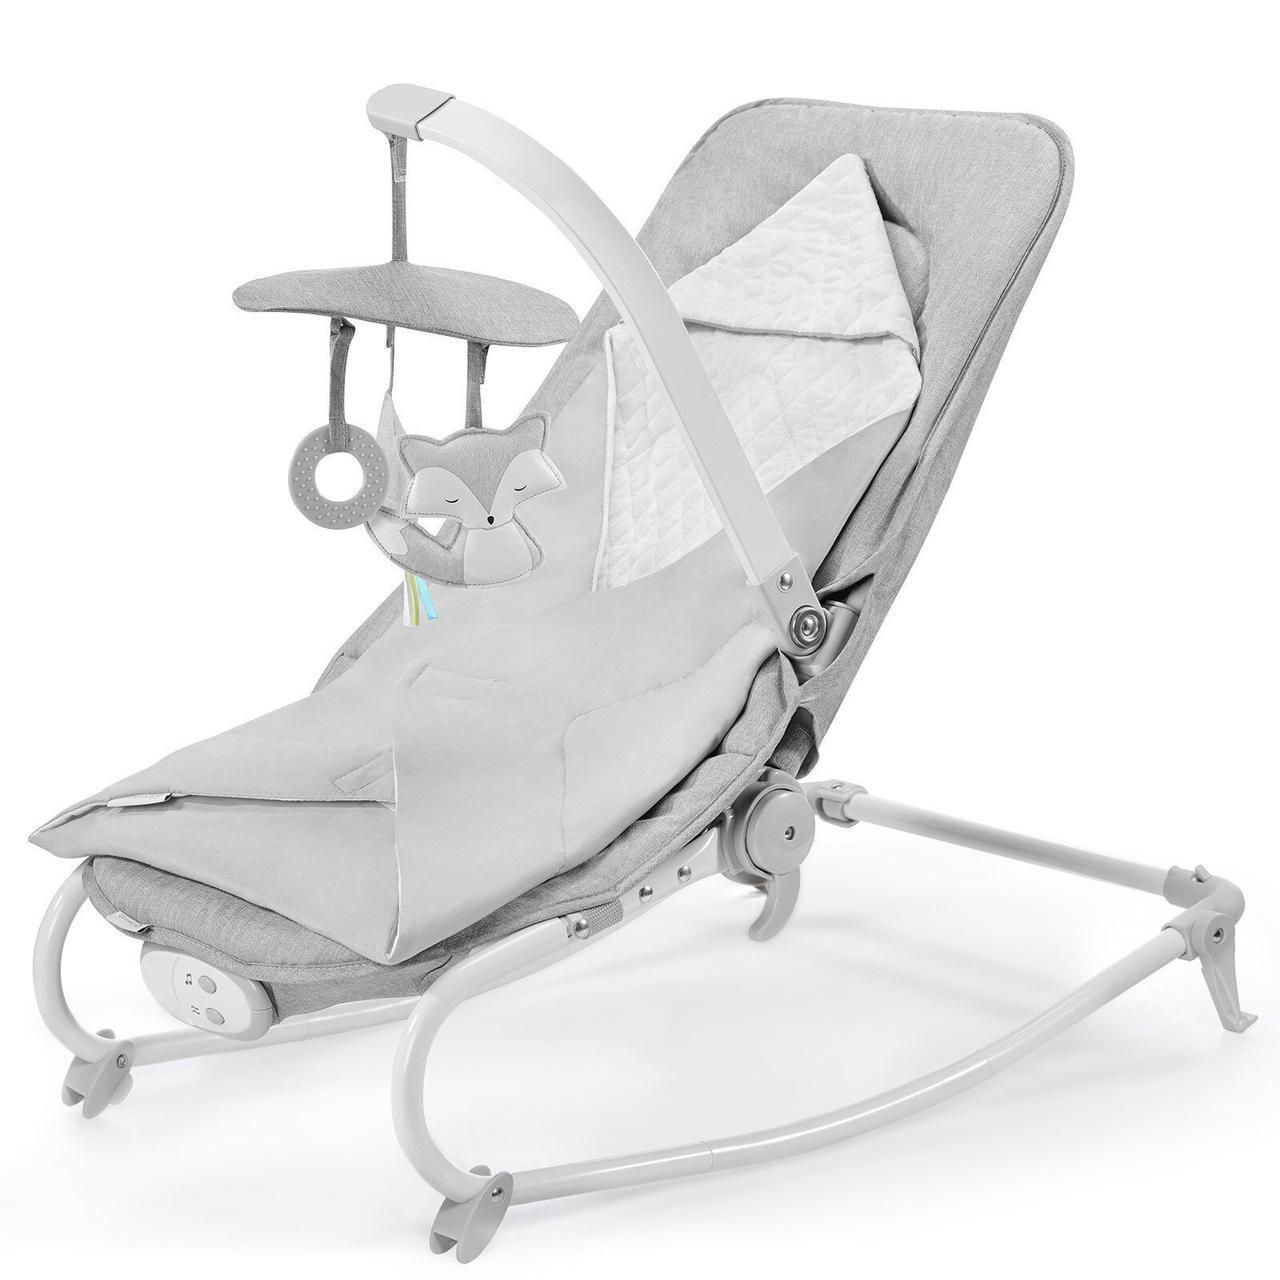 Шезлонг-качалка Kinderkraft Felio 2020 Stone Grey